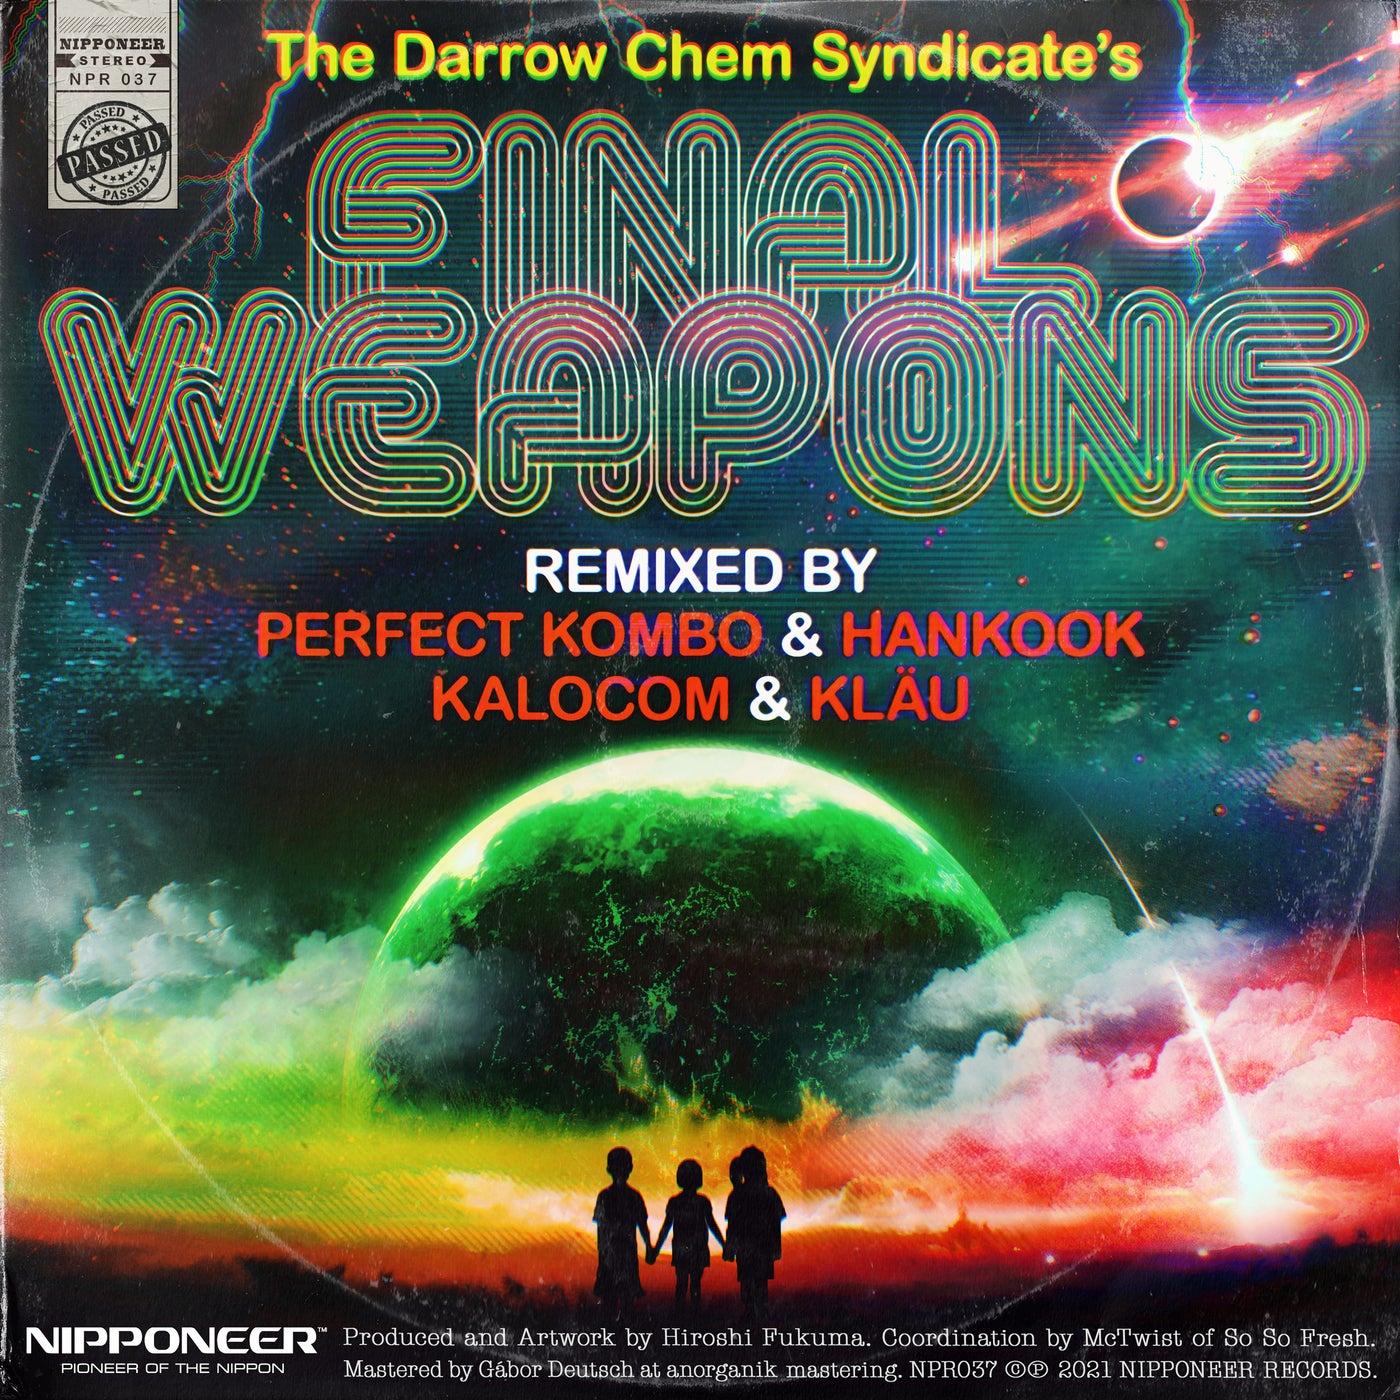 Scattomatic (Hankook & Perfect Kombo Remix)